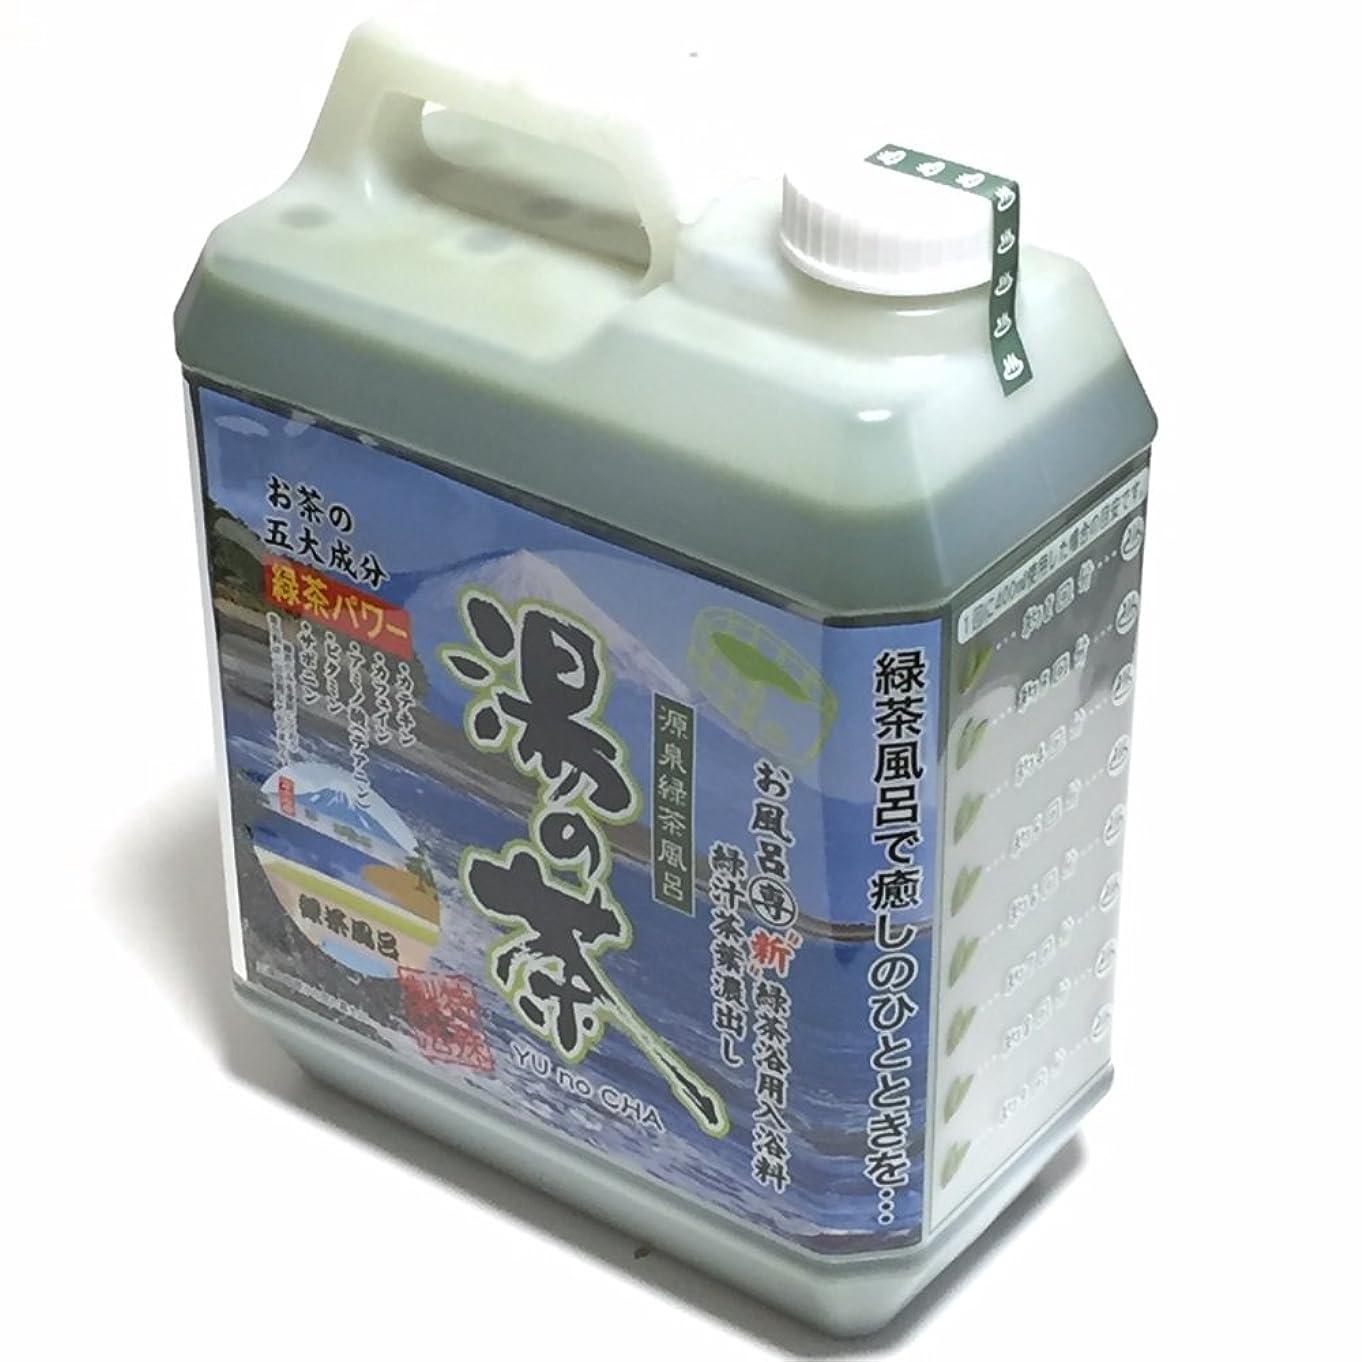 に負ける競う感謝緑茶のお風呂に入ろう??静岡茶葉100% 高濃度カテキン 緑茶入浴化粧品 湯の茶 大容量4リットル